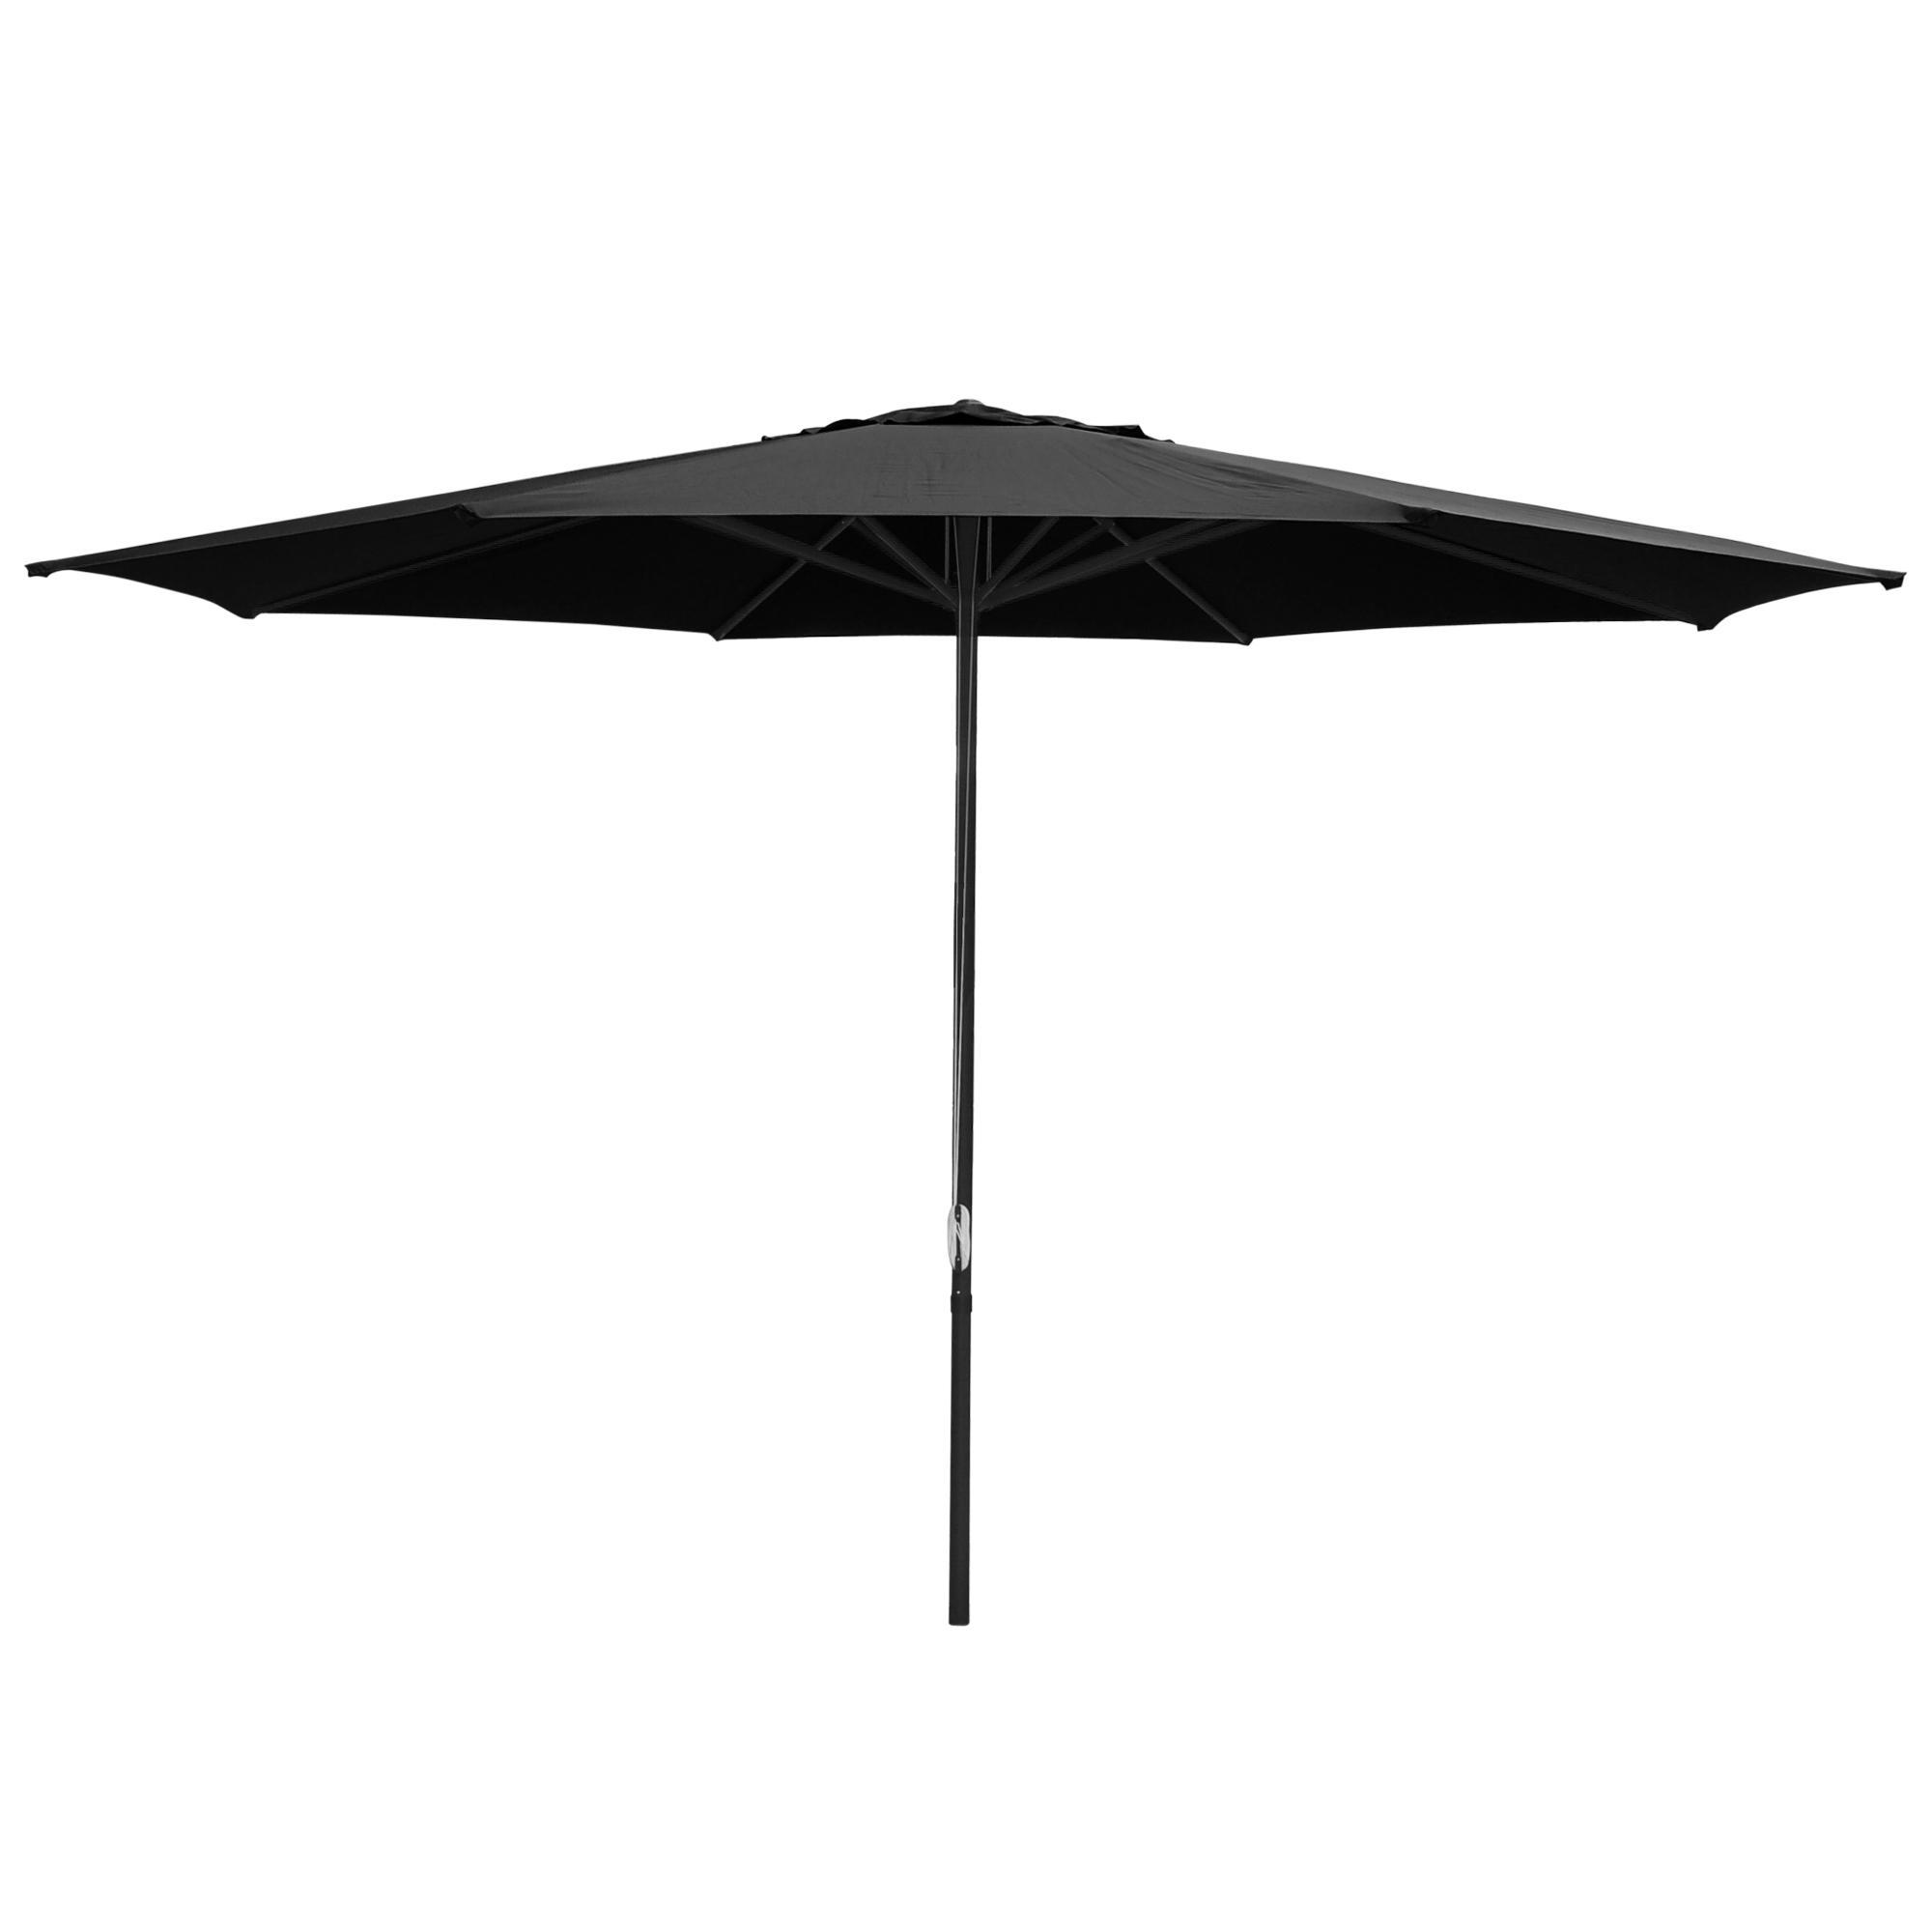 thumbnail 45 - 13' FT Sun Shade Patio Aluminum Umbrella UV30+ Outdoor Market Garden Beach Deck